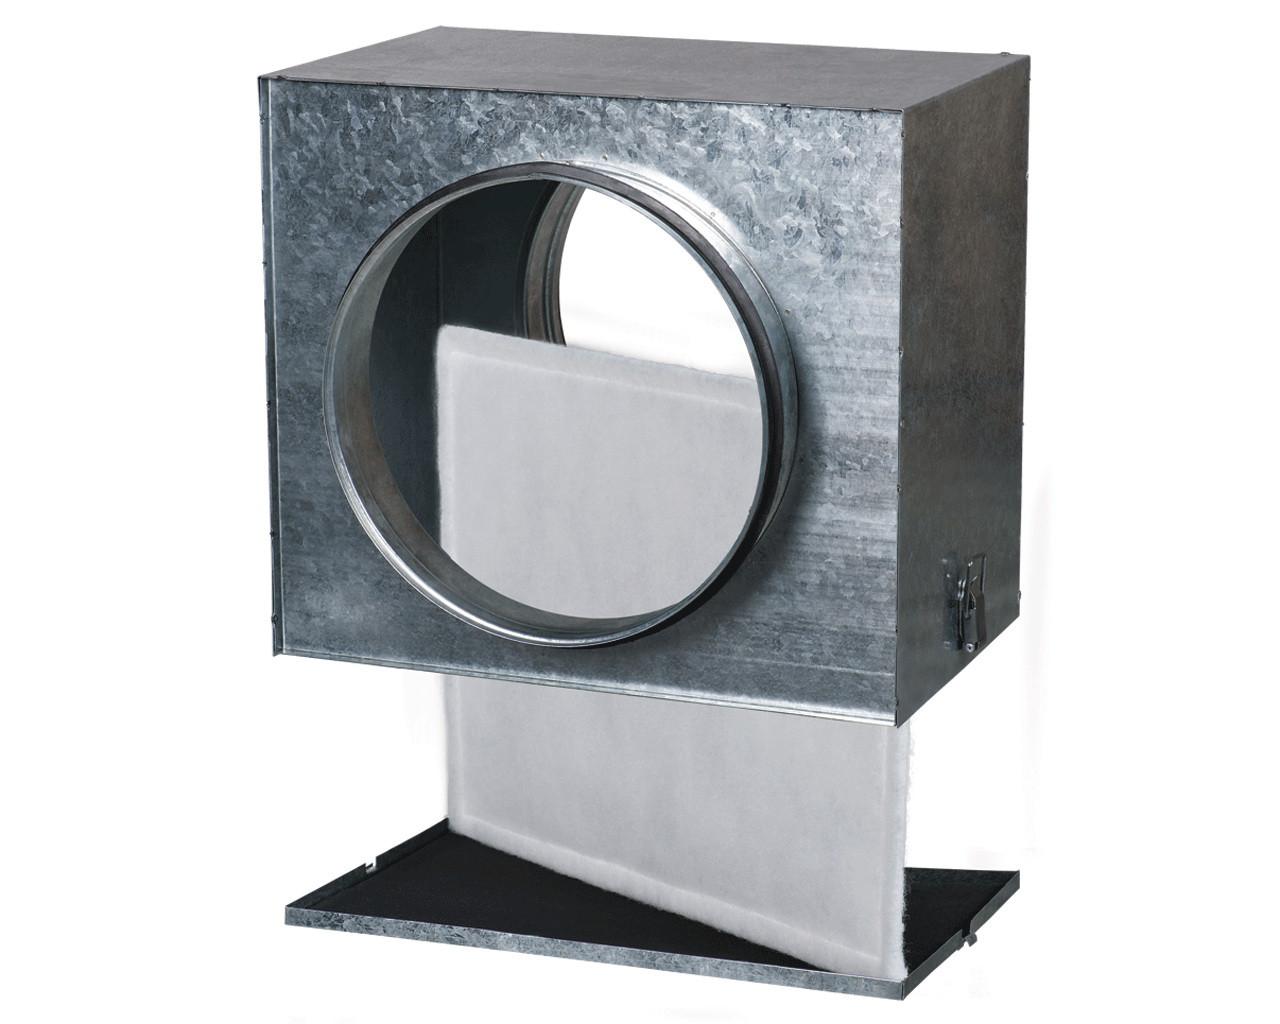 Воздушный кассетный фильтр Vents ФБ 315